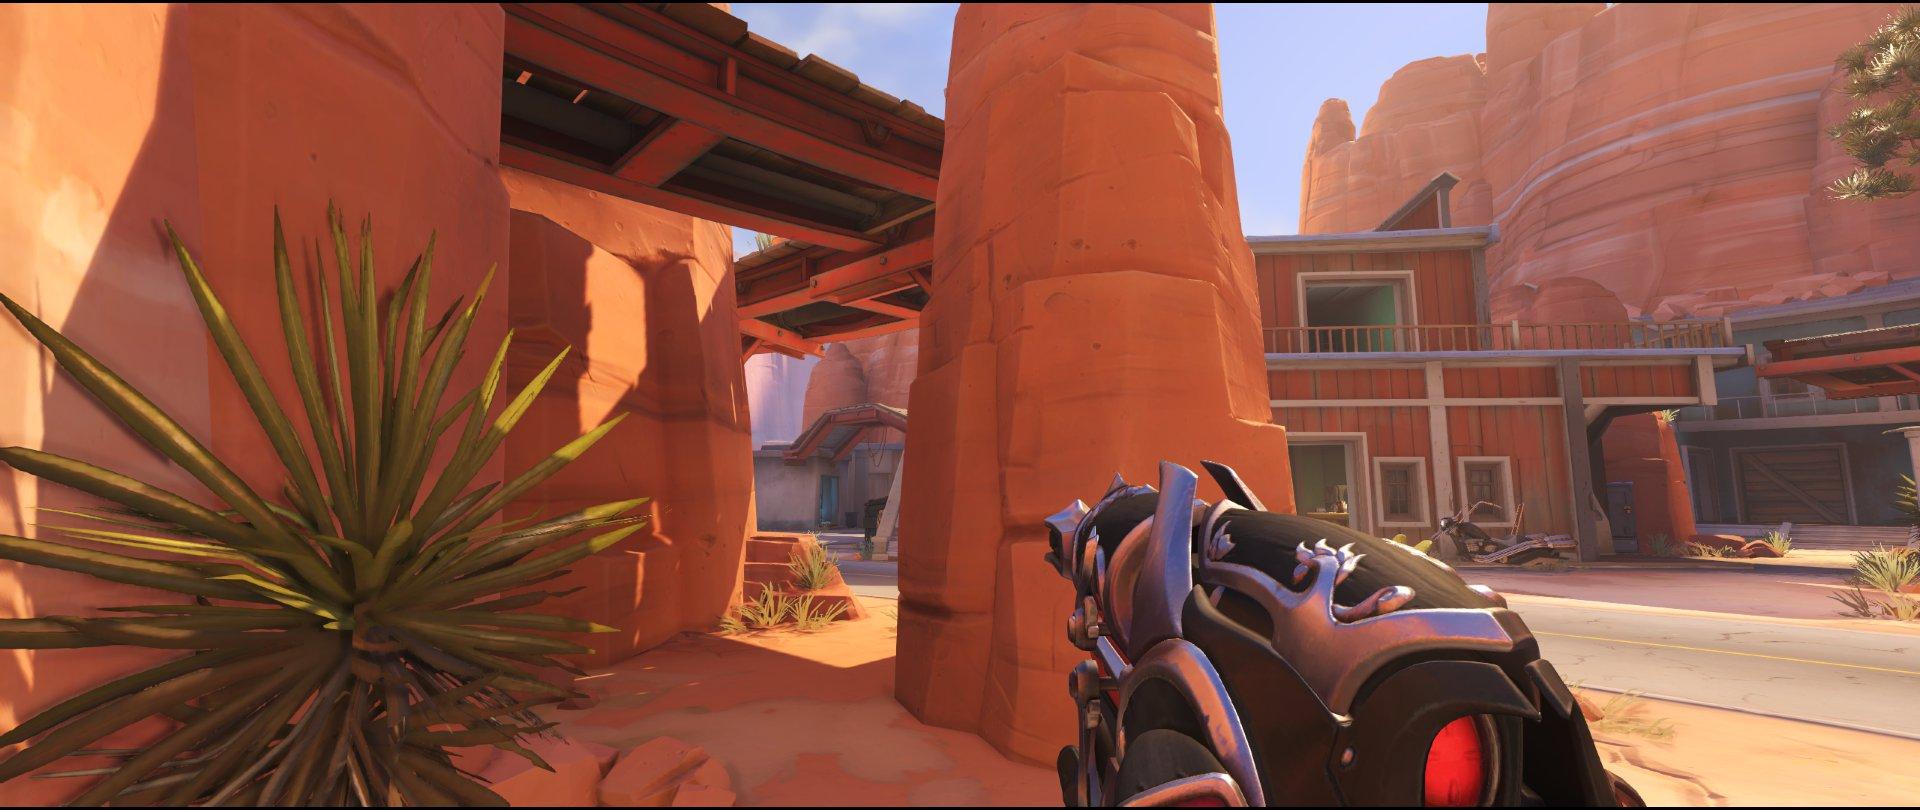 Pillar ground level defense sniping spot Widowmaker Route 66.jpg